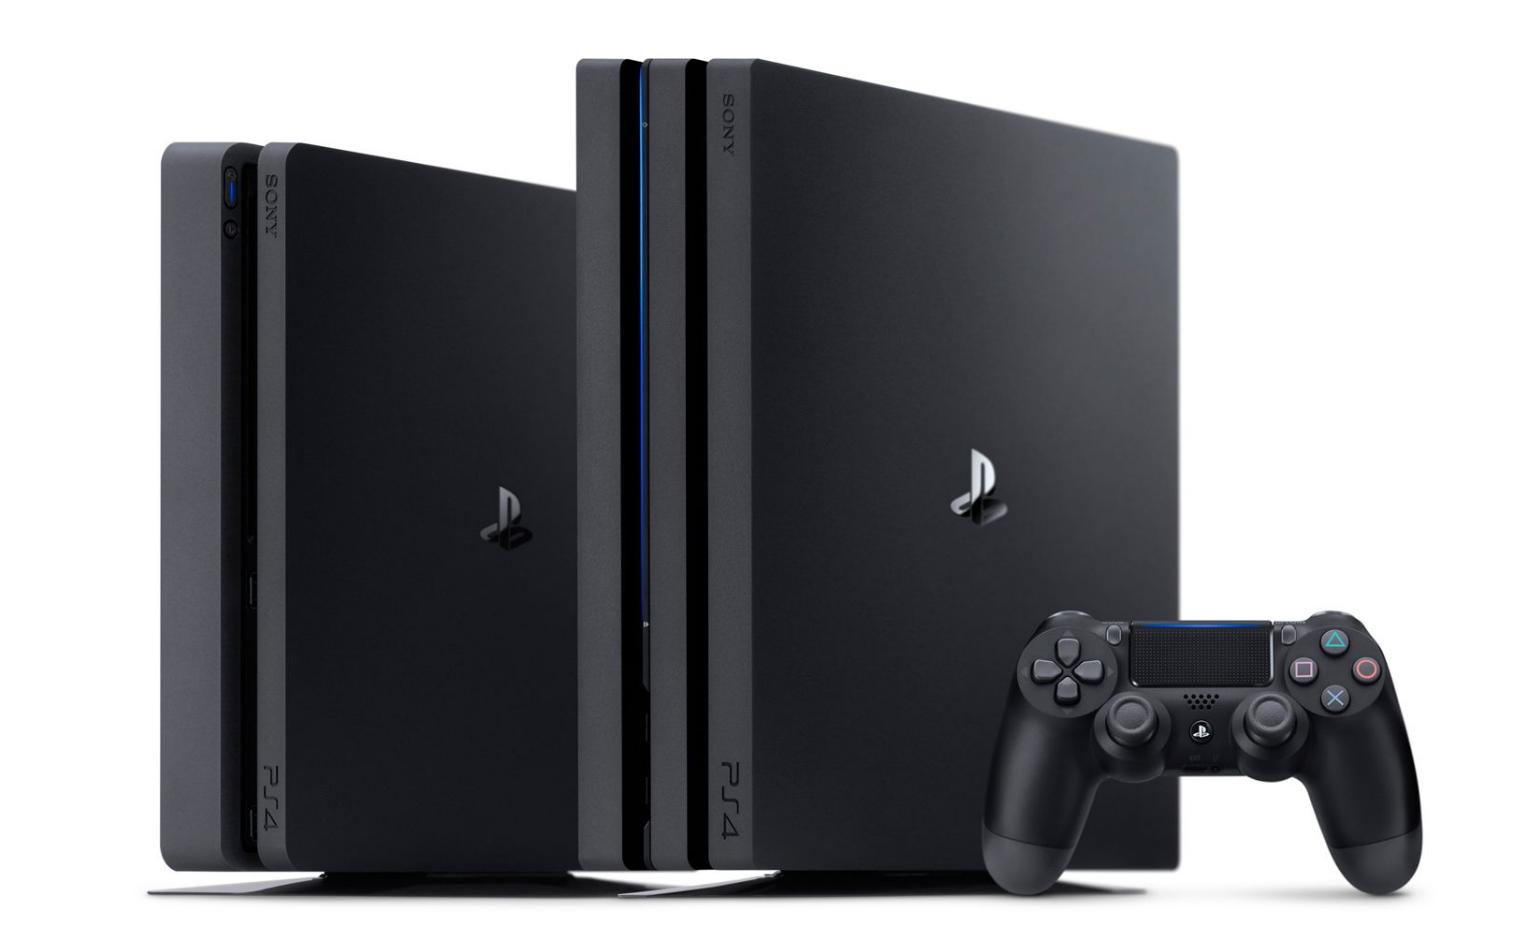 Un estudio situa a PlayStation 5 en 2018 con 10 teraflops